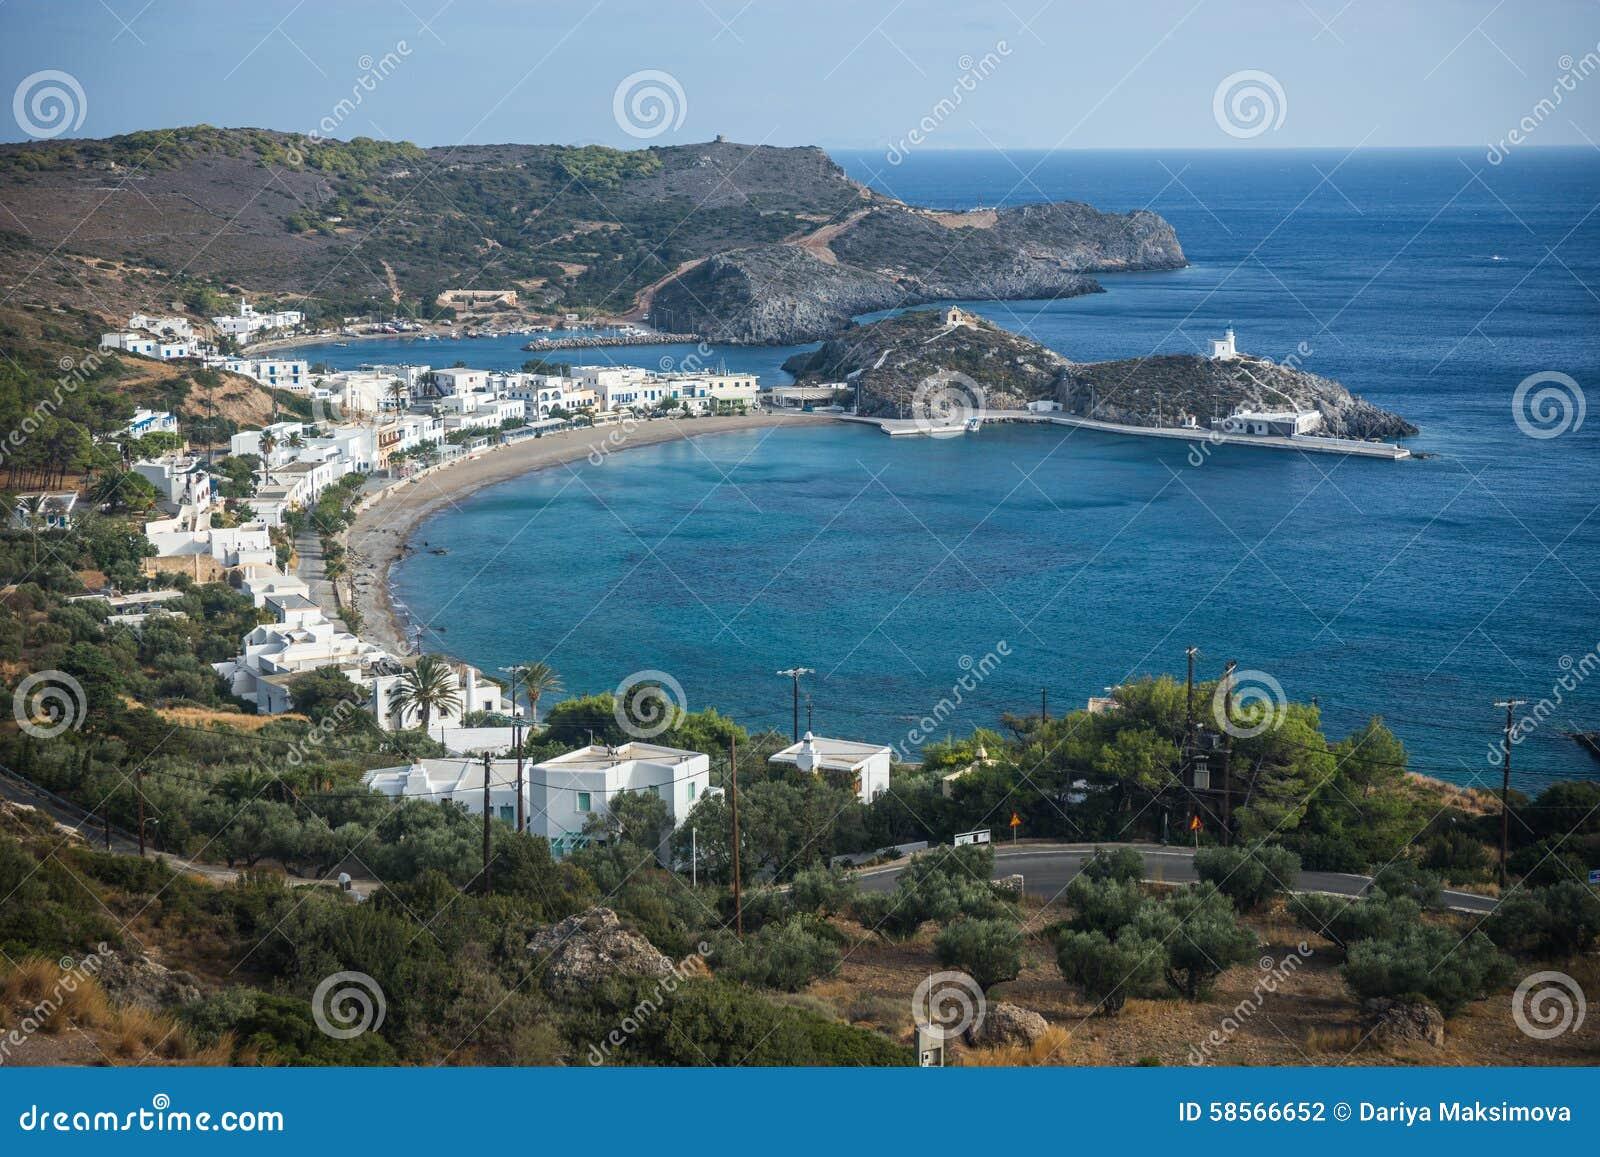 Сценарный ландшафт с видом на море, Kythira, Грецией